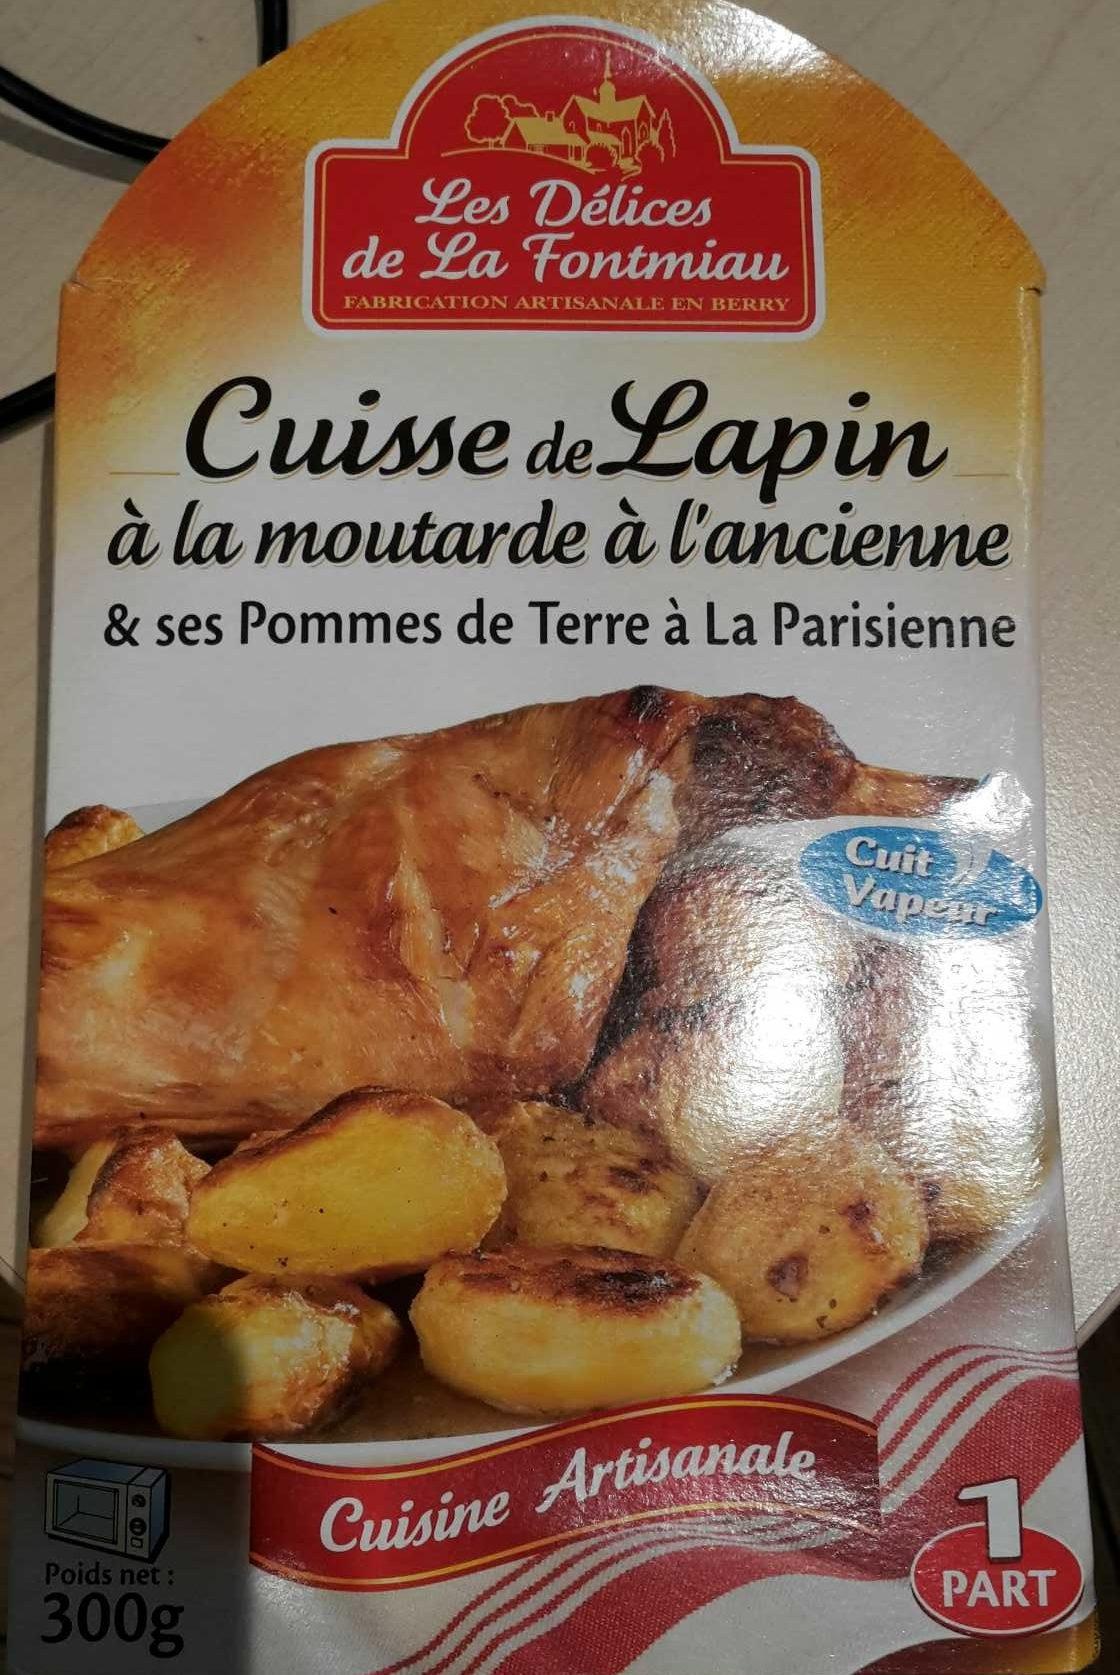 Cuisse de Lapin à l'Ancienne & ses Pommes de Terre à la Parisienne - Product - fr